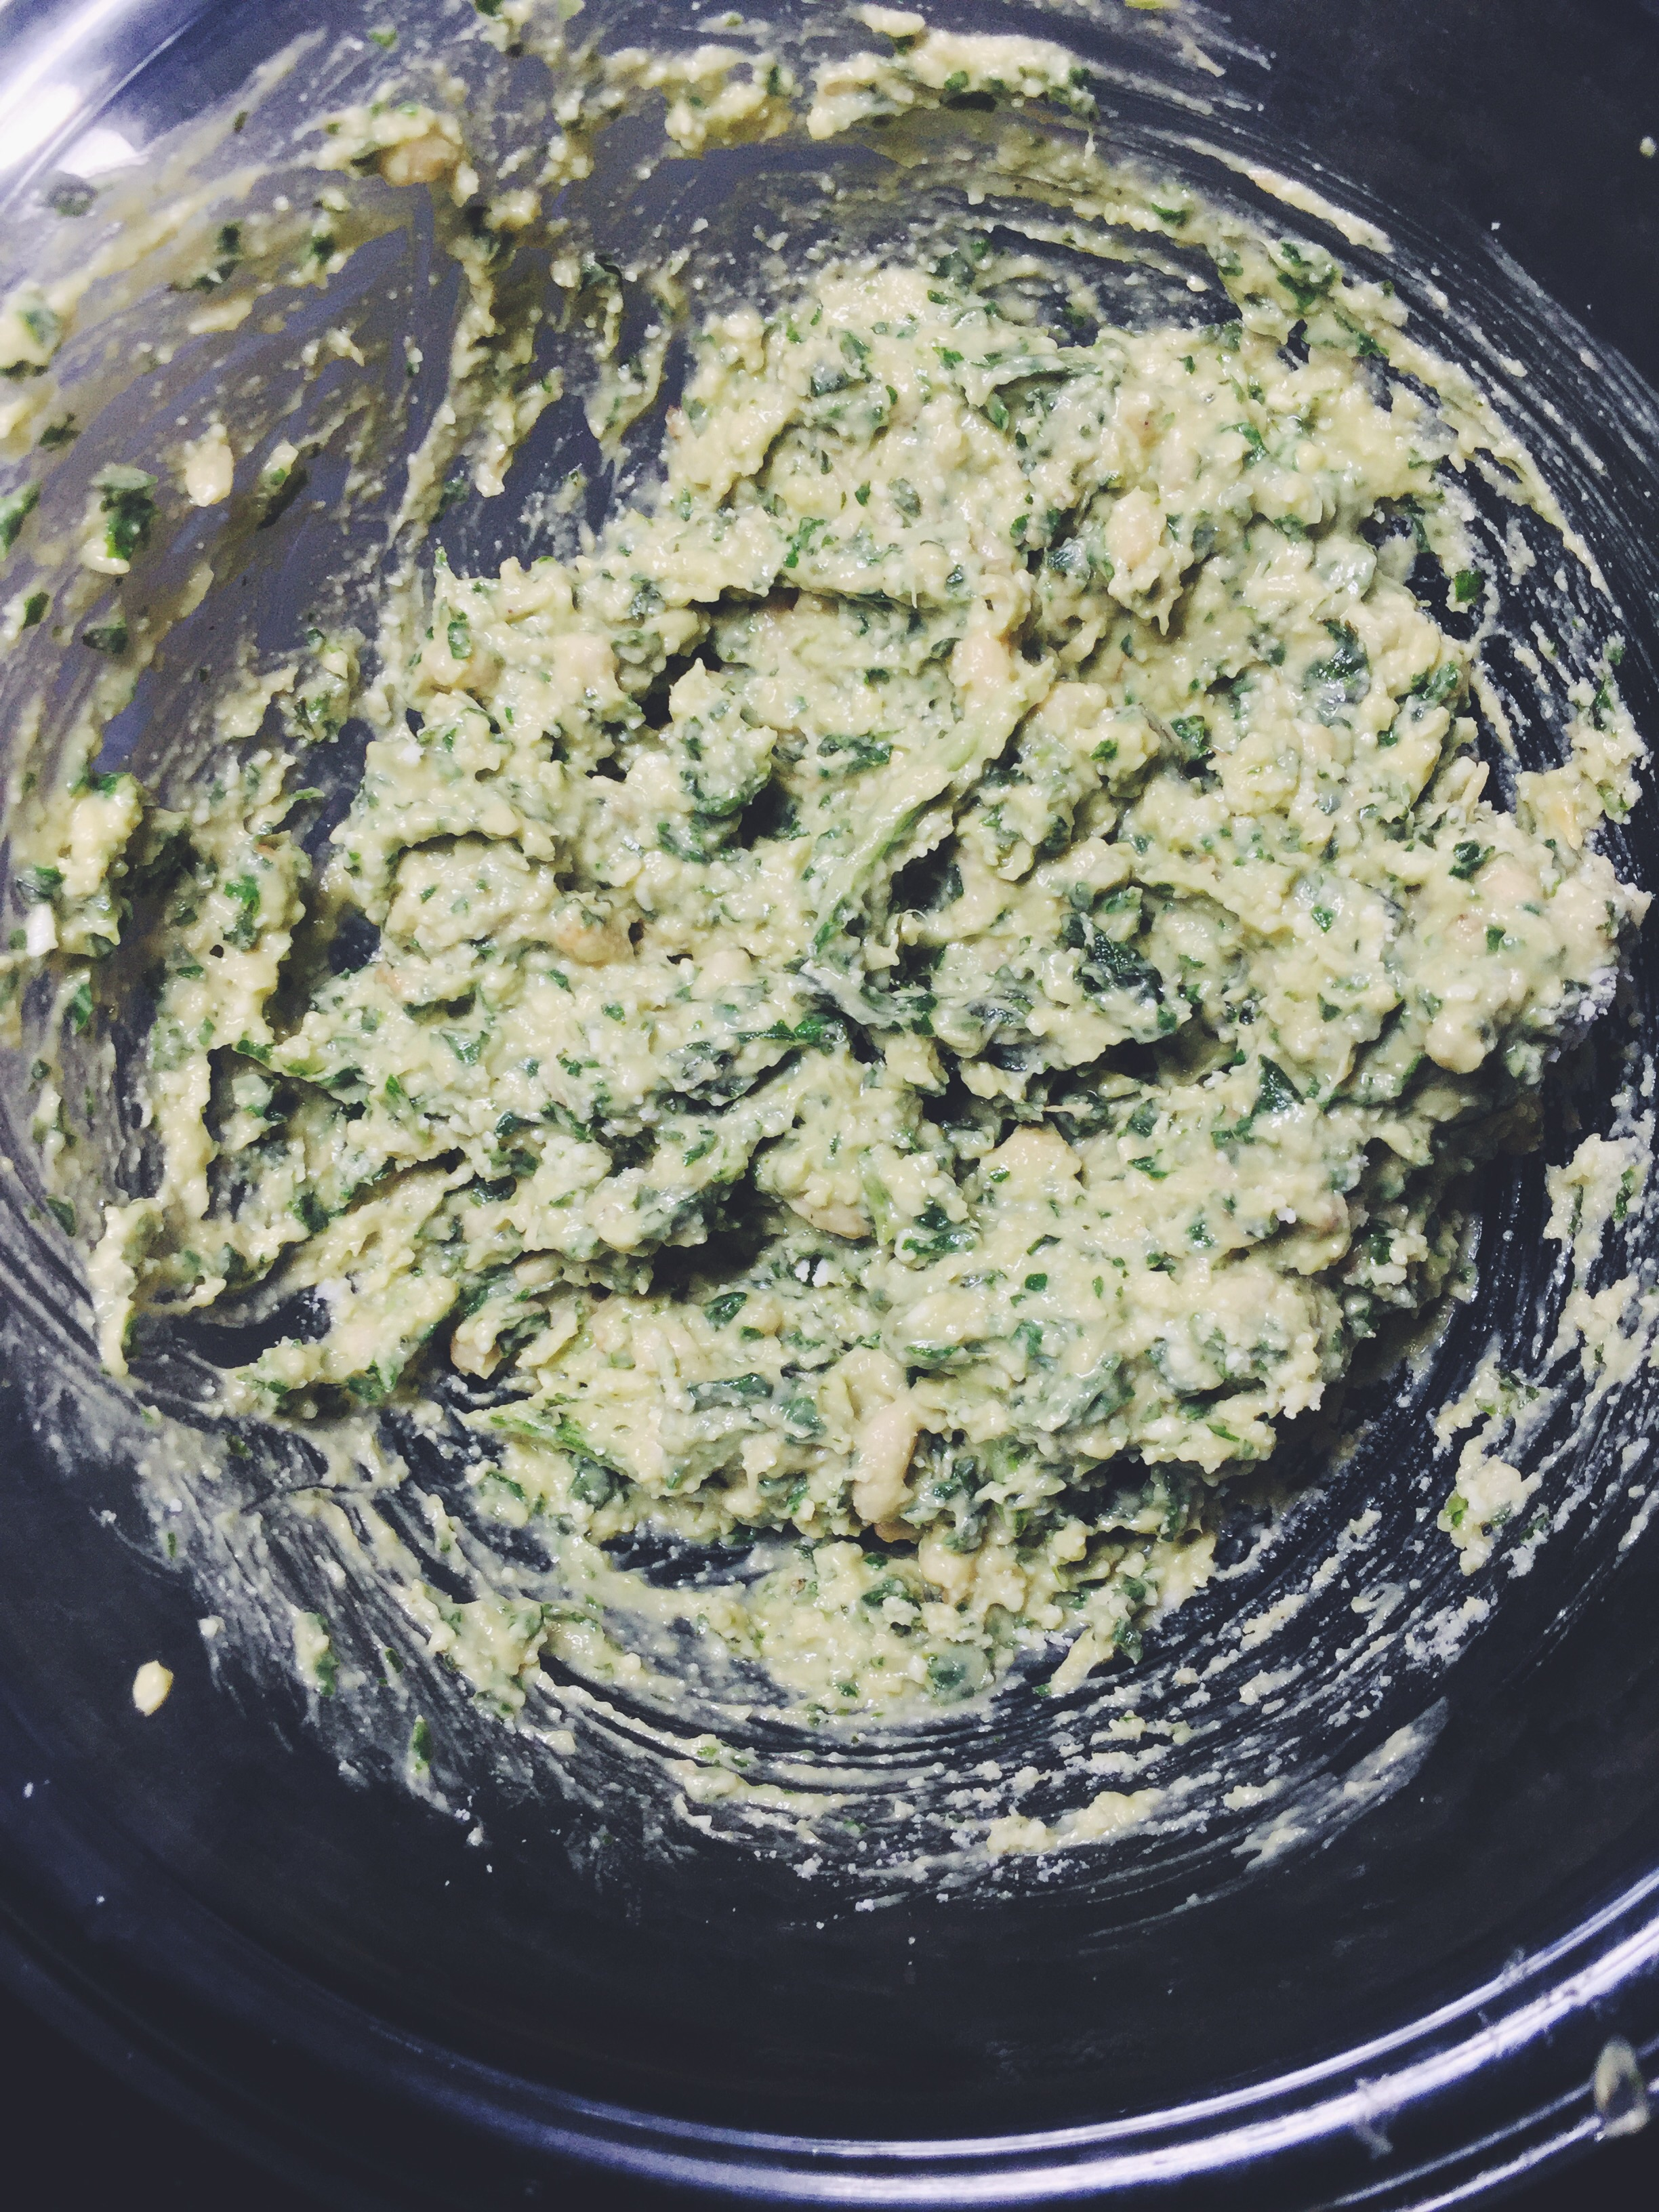 homemade avocado pesto